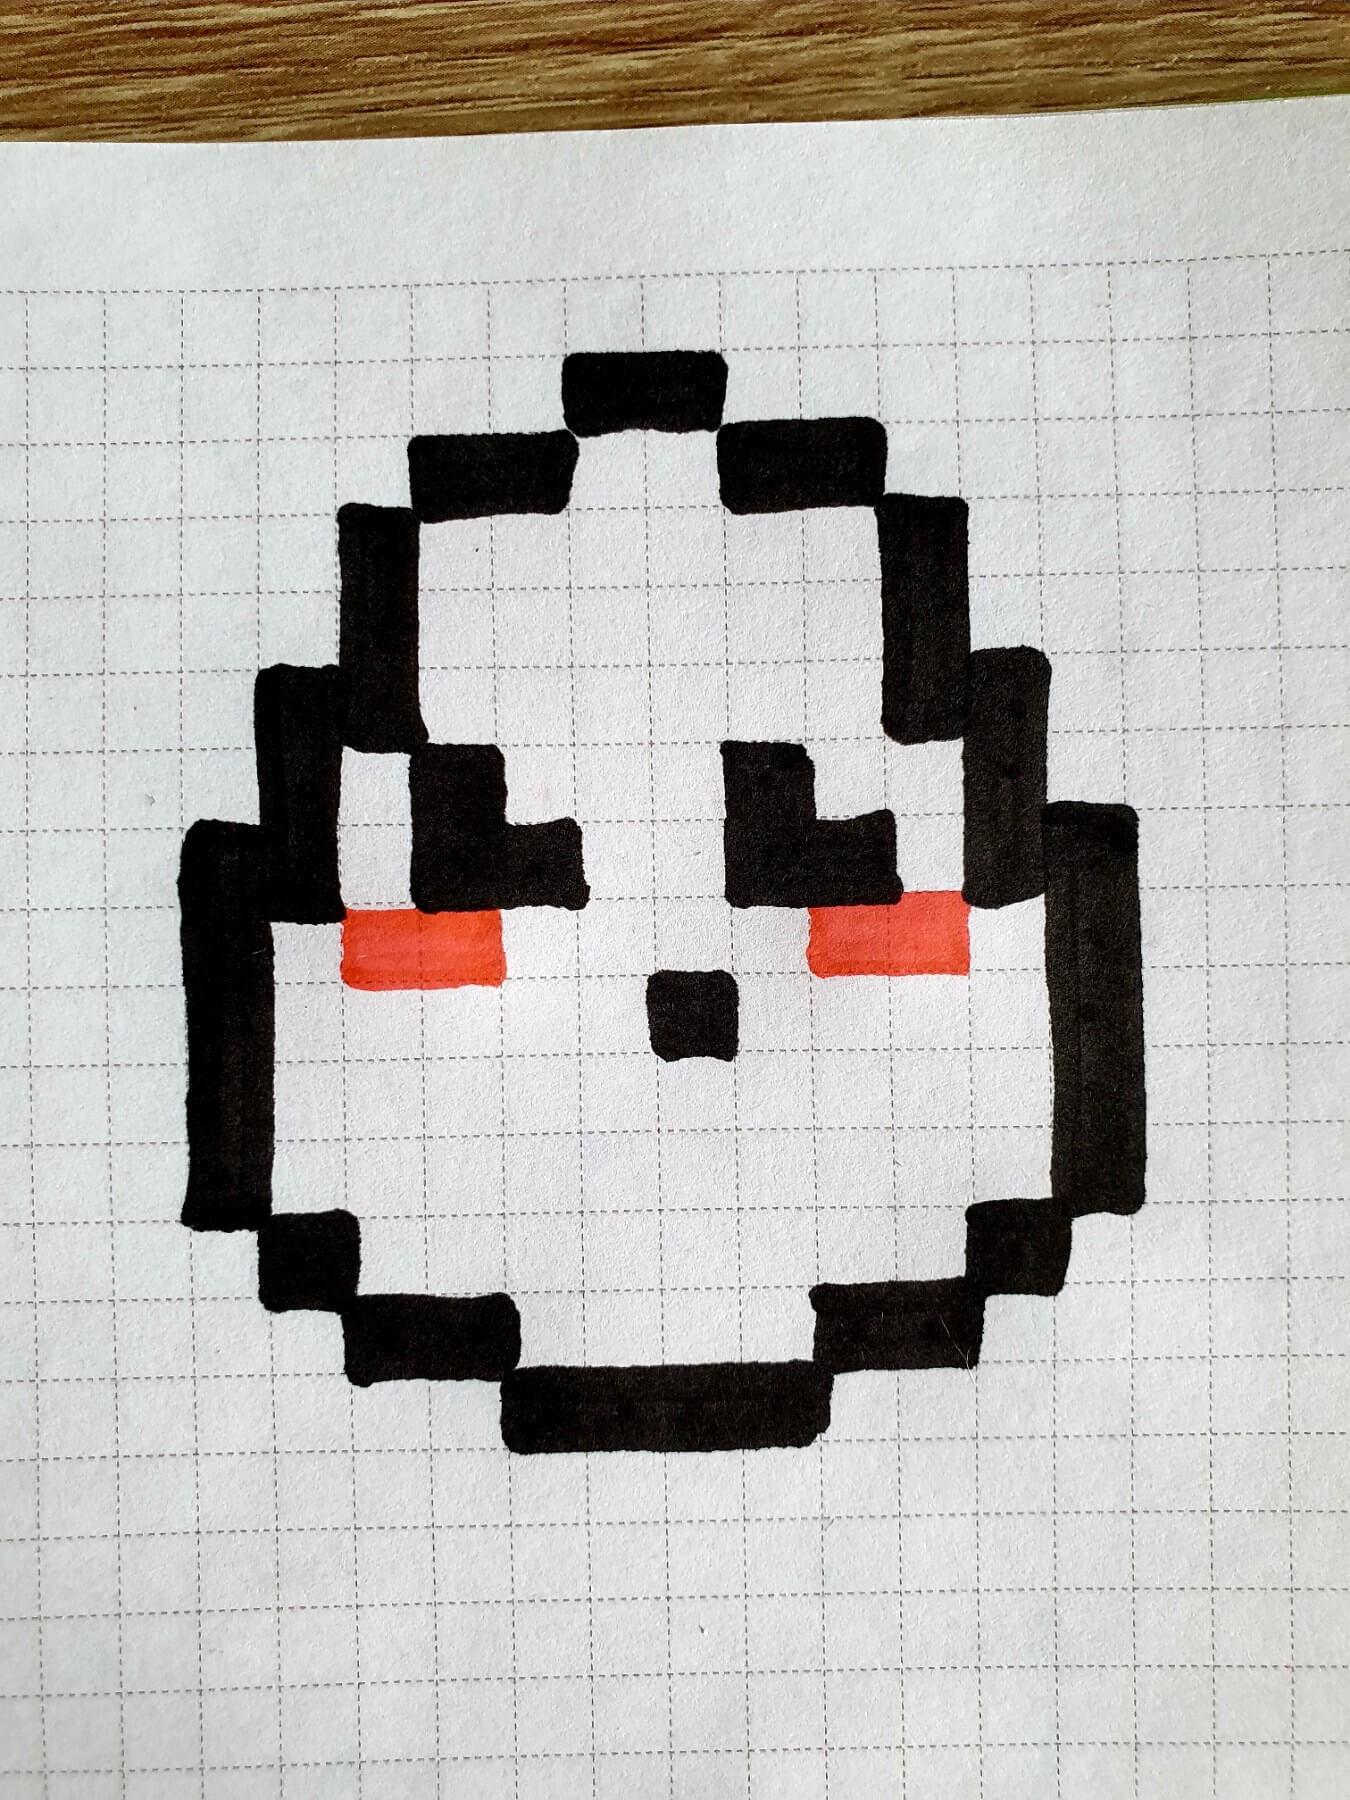 кіндер, малюнки по клiтинкам, рисунки по клеточкам, pixel art, писксельные рисунки